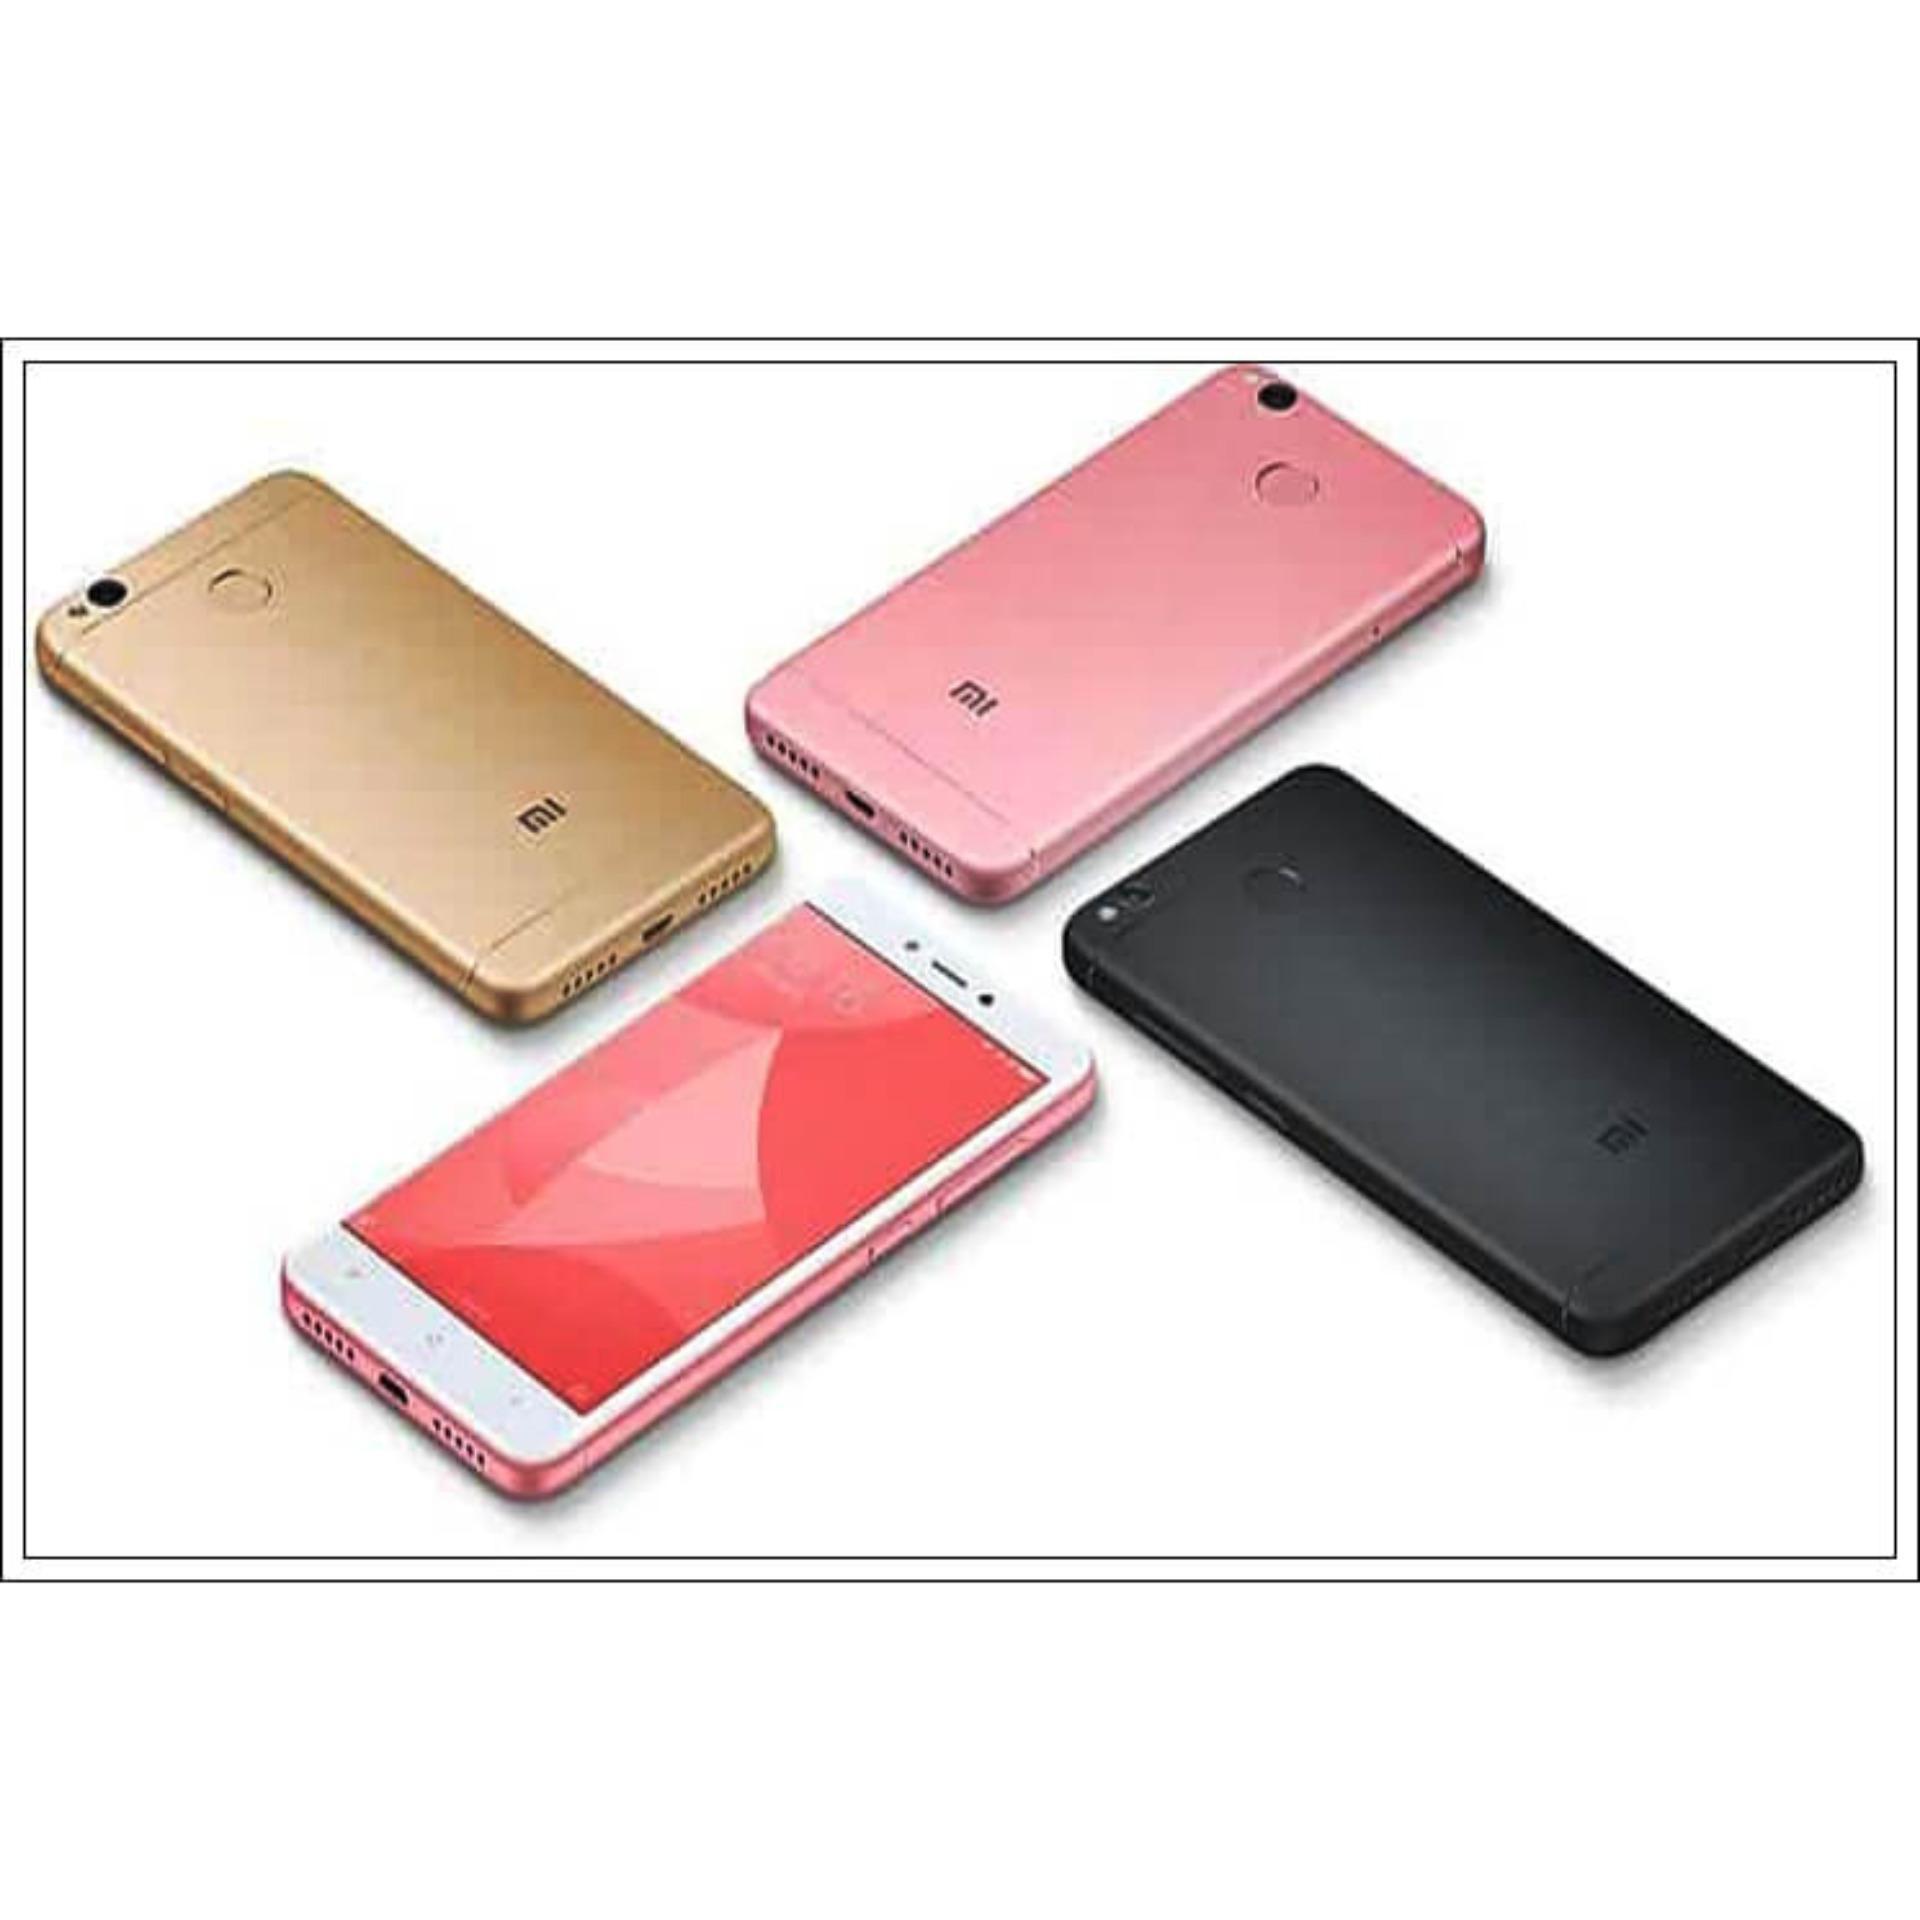 Xiaomi Redmi 4x Prime 32gb Daftar Harga Terbaru Terlengkap Indonesia Bestseller Ram 3gb Internal Room Rose Gold